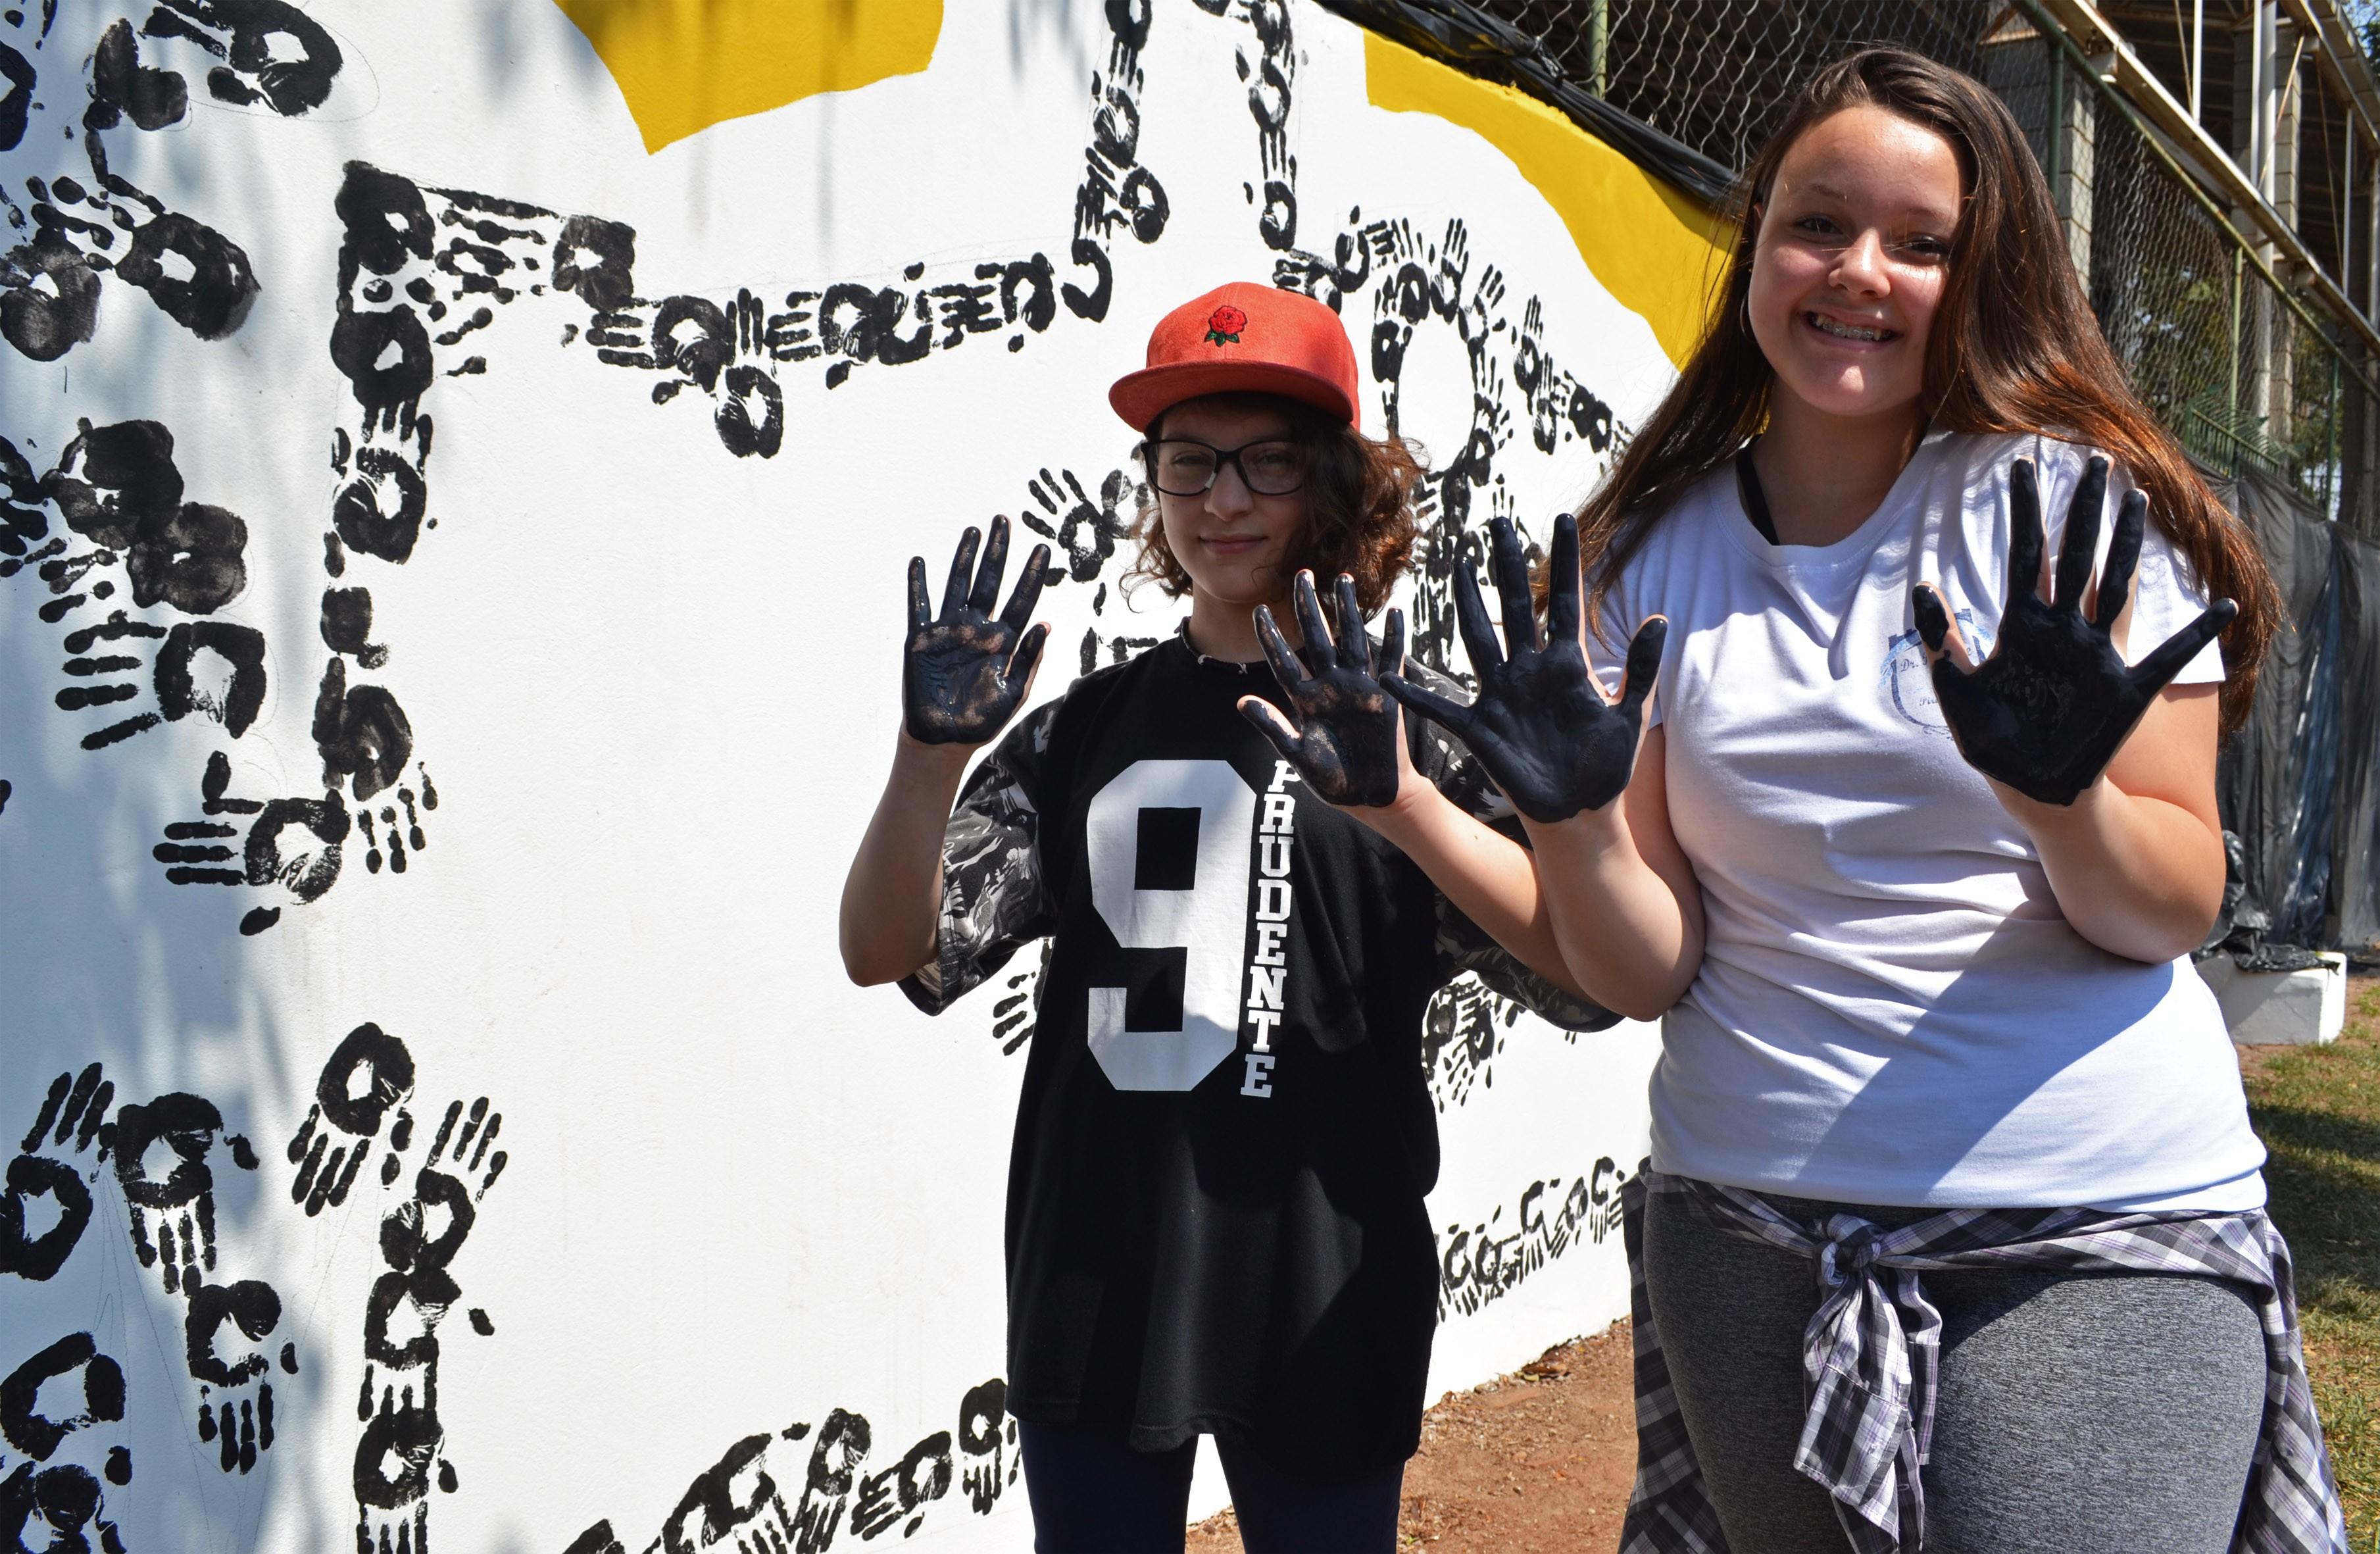 Com mãos e tinta, alunos de Piracicaba transformam muro de escola estadual em arte - Notícias - Plantão Diário